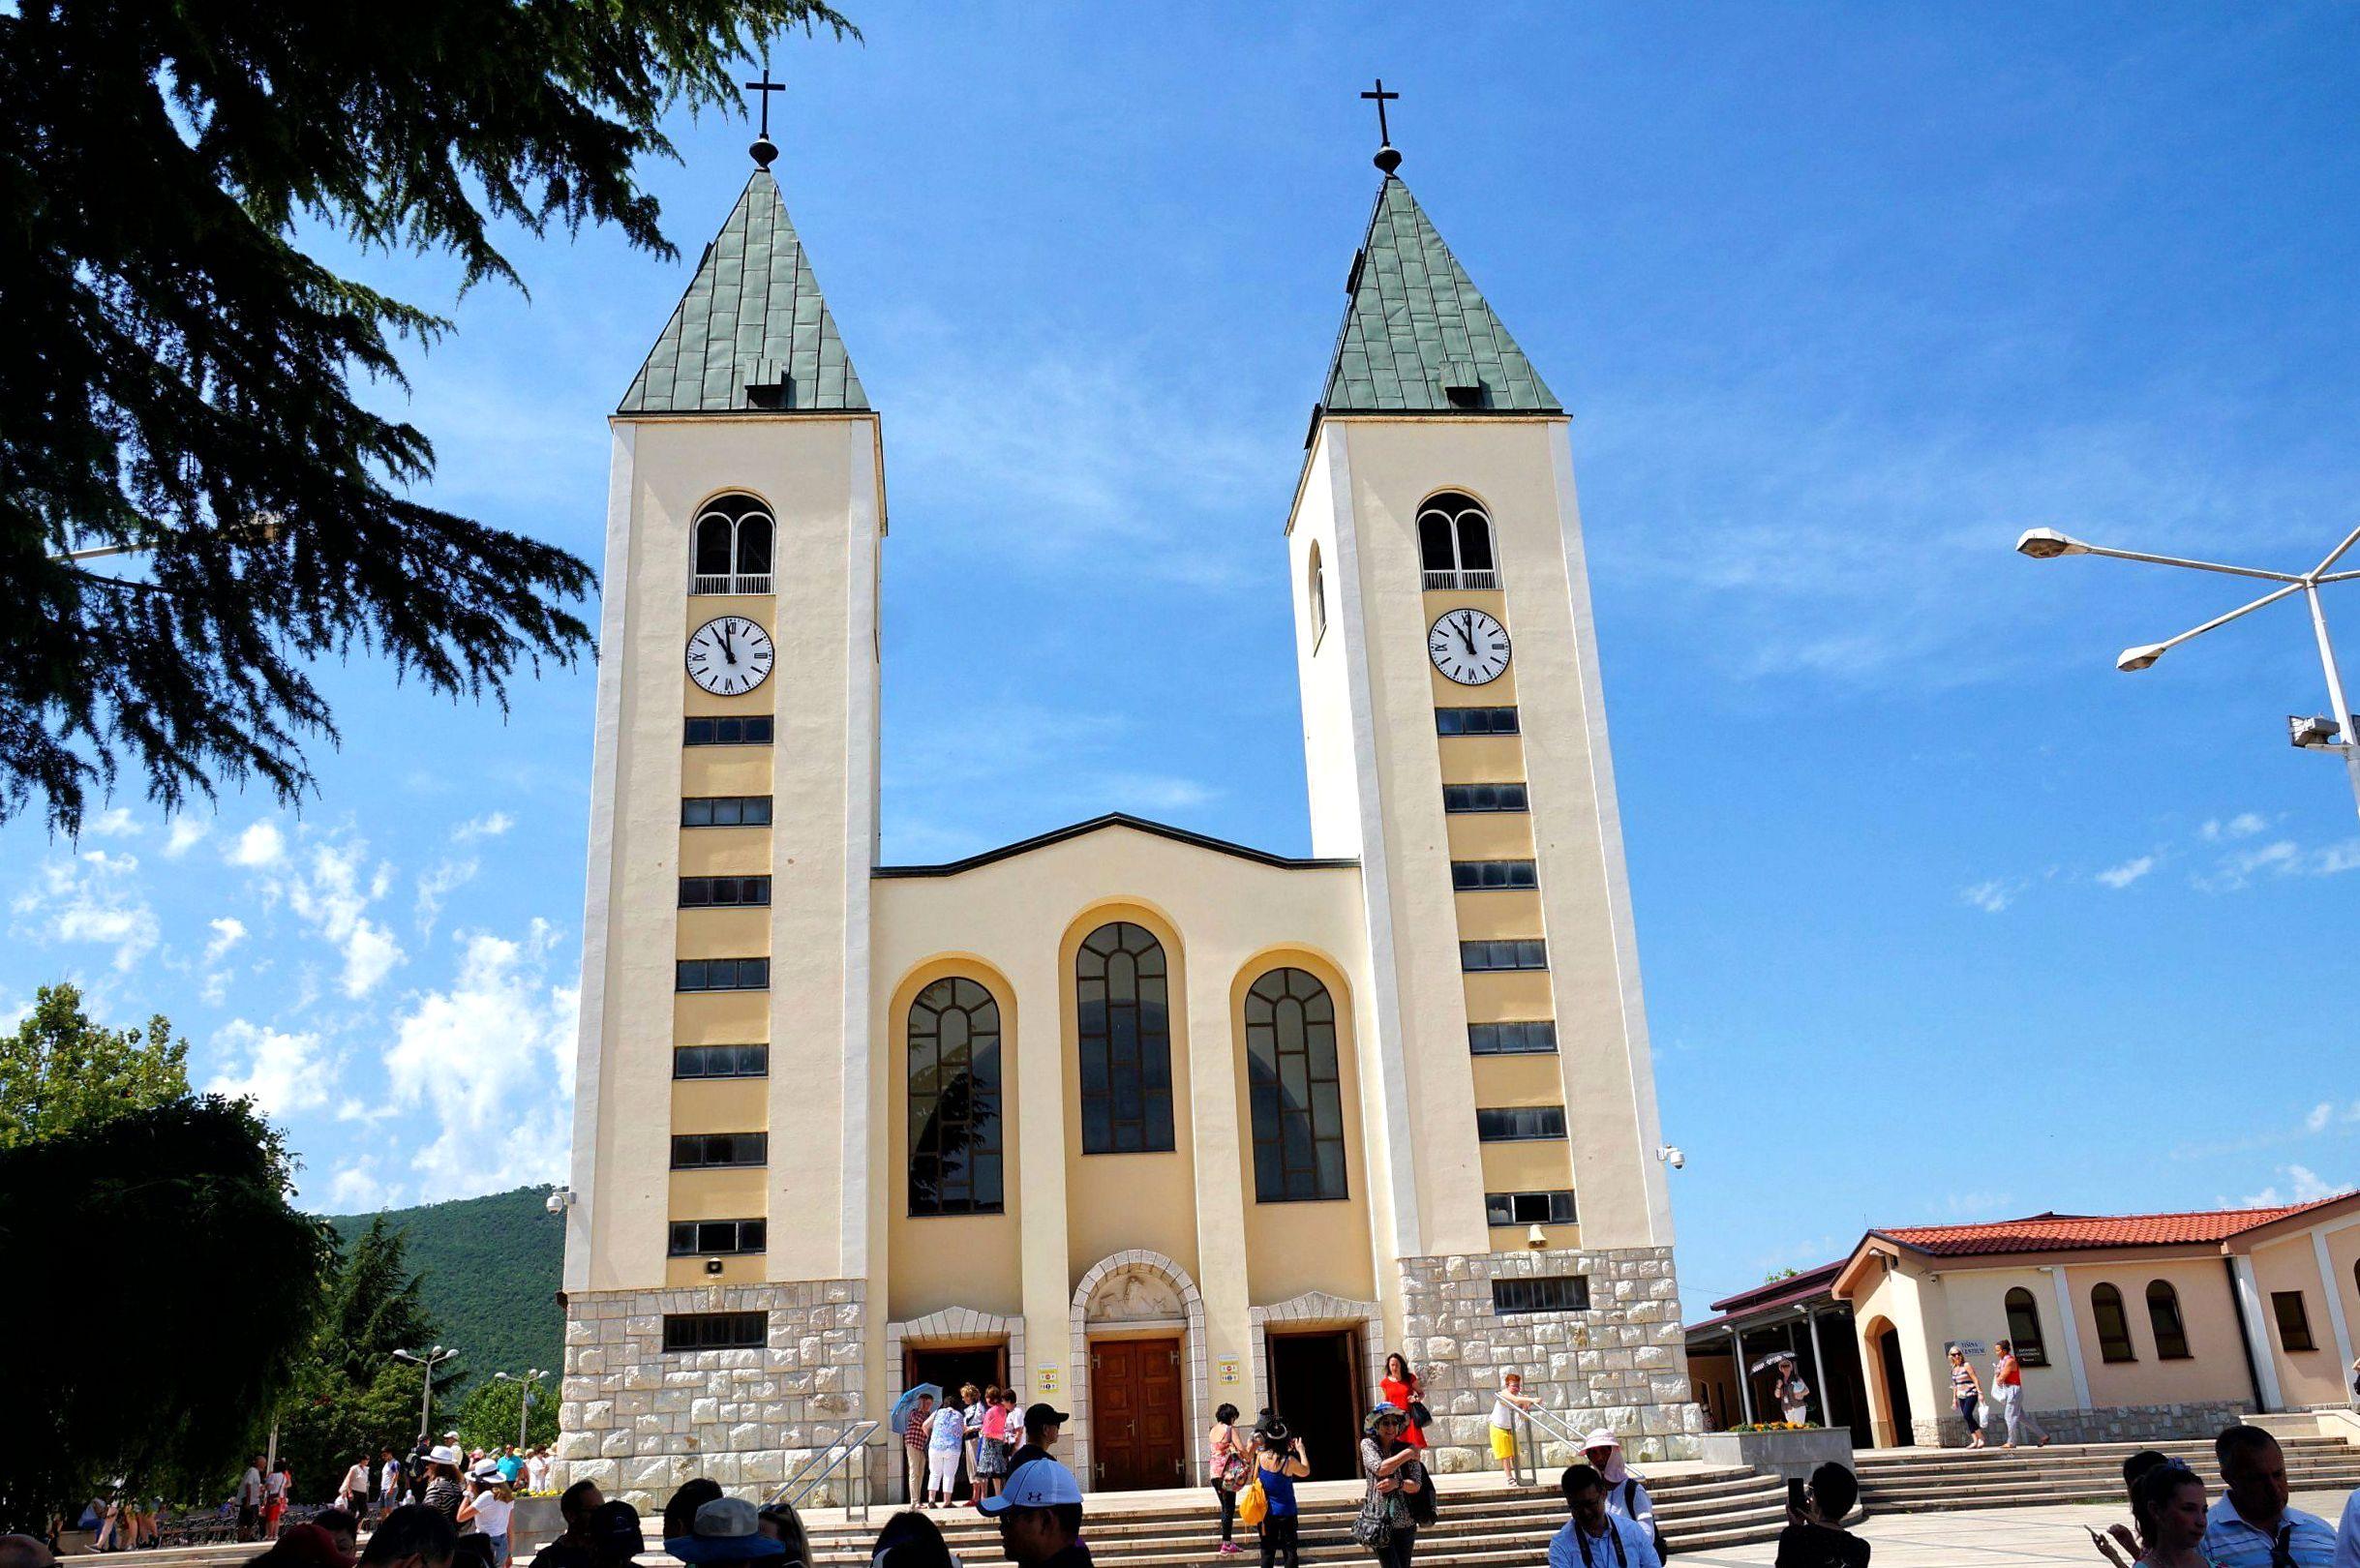 Kościół św. Jakuba w centrum Medjugorje